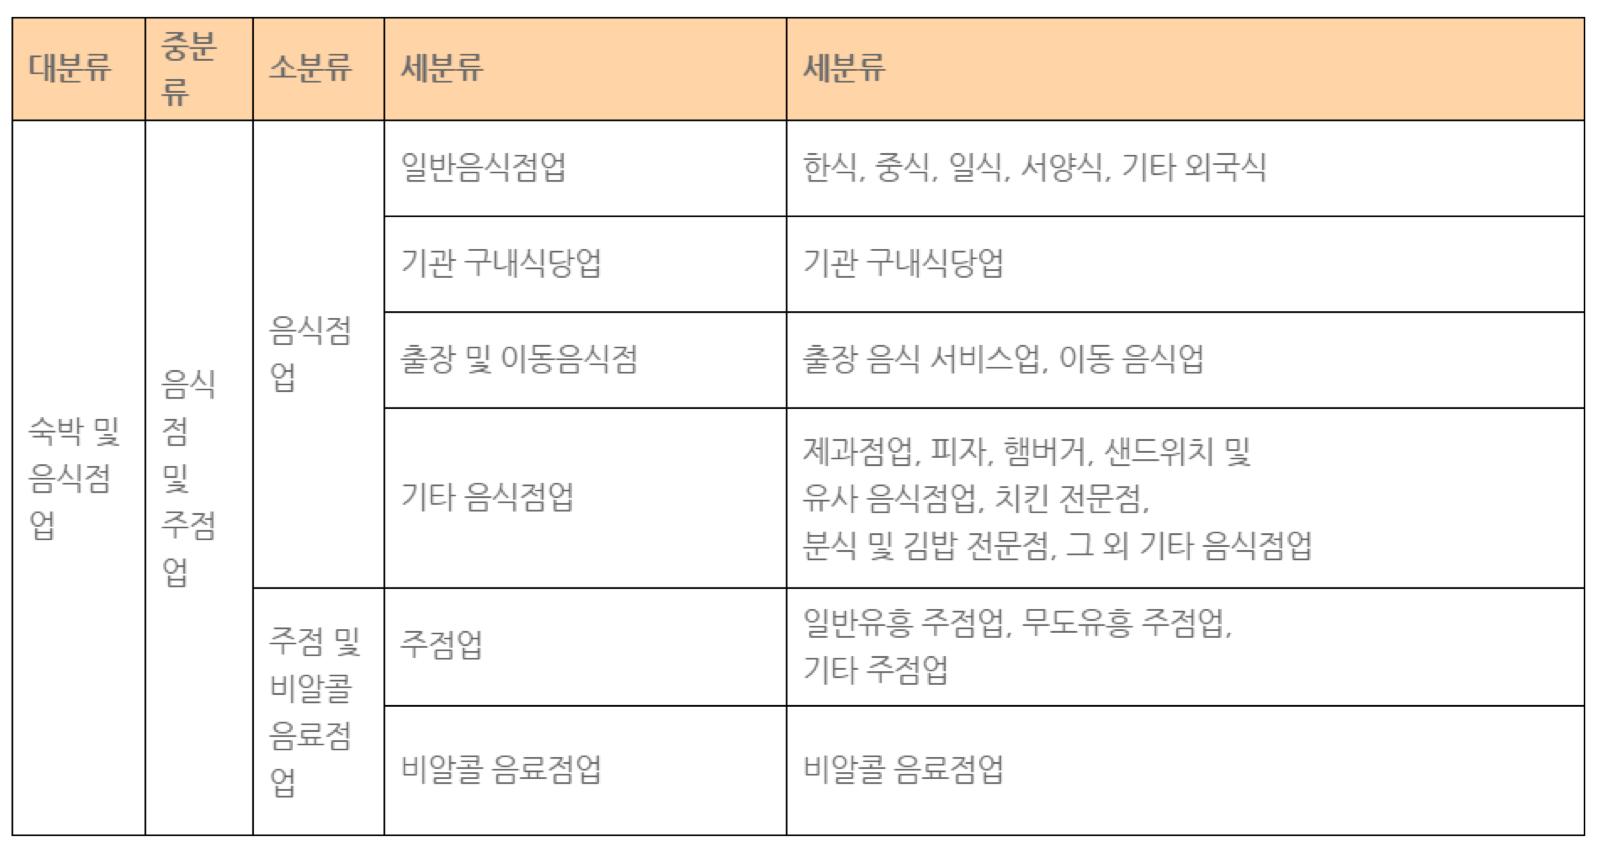 외식산업분류표 ©통계청 / 저자 재구성